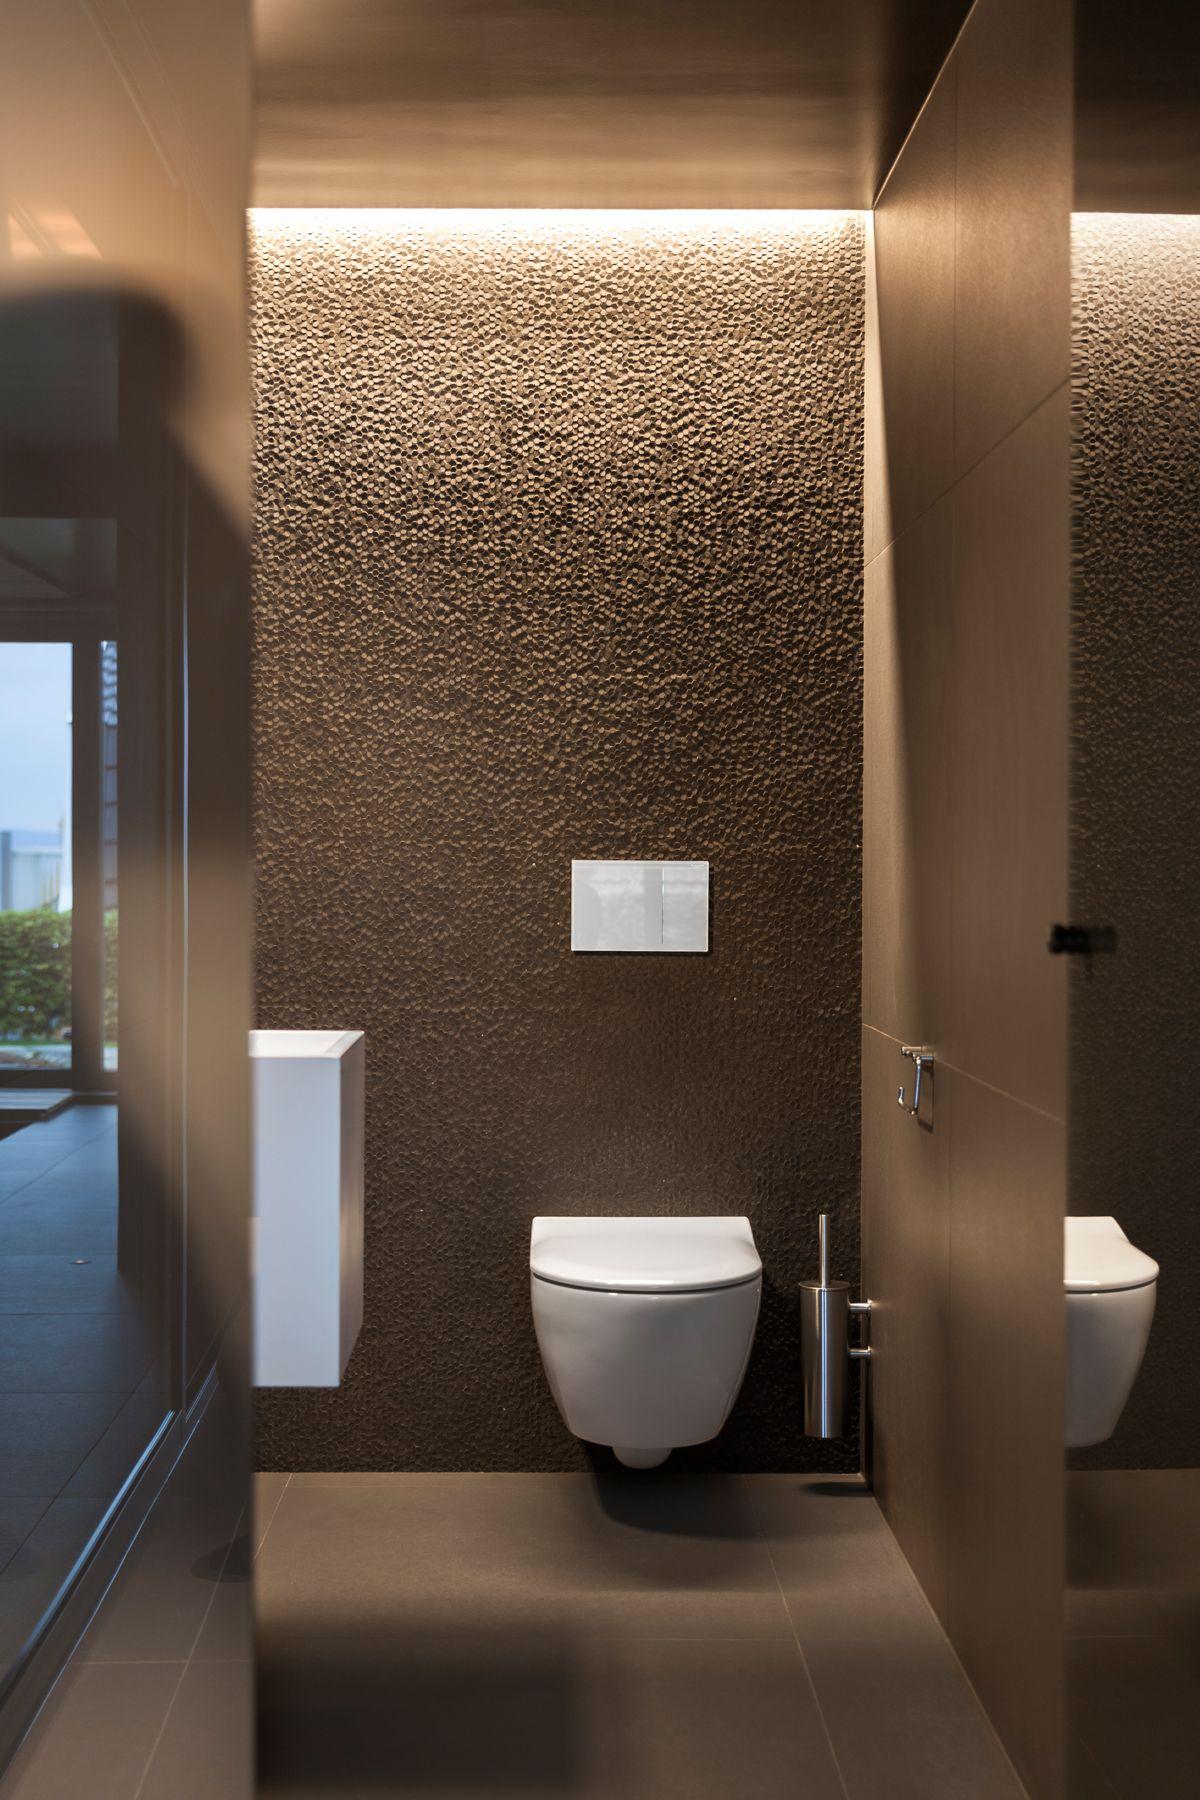 Badezimmer design beleuchtung pin von meriem auf dusche  pinterest  badezimmer zeitgenössische